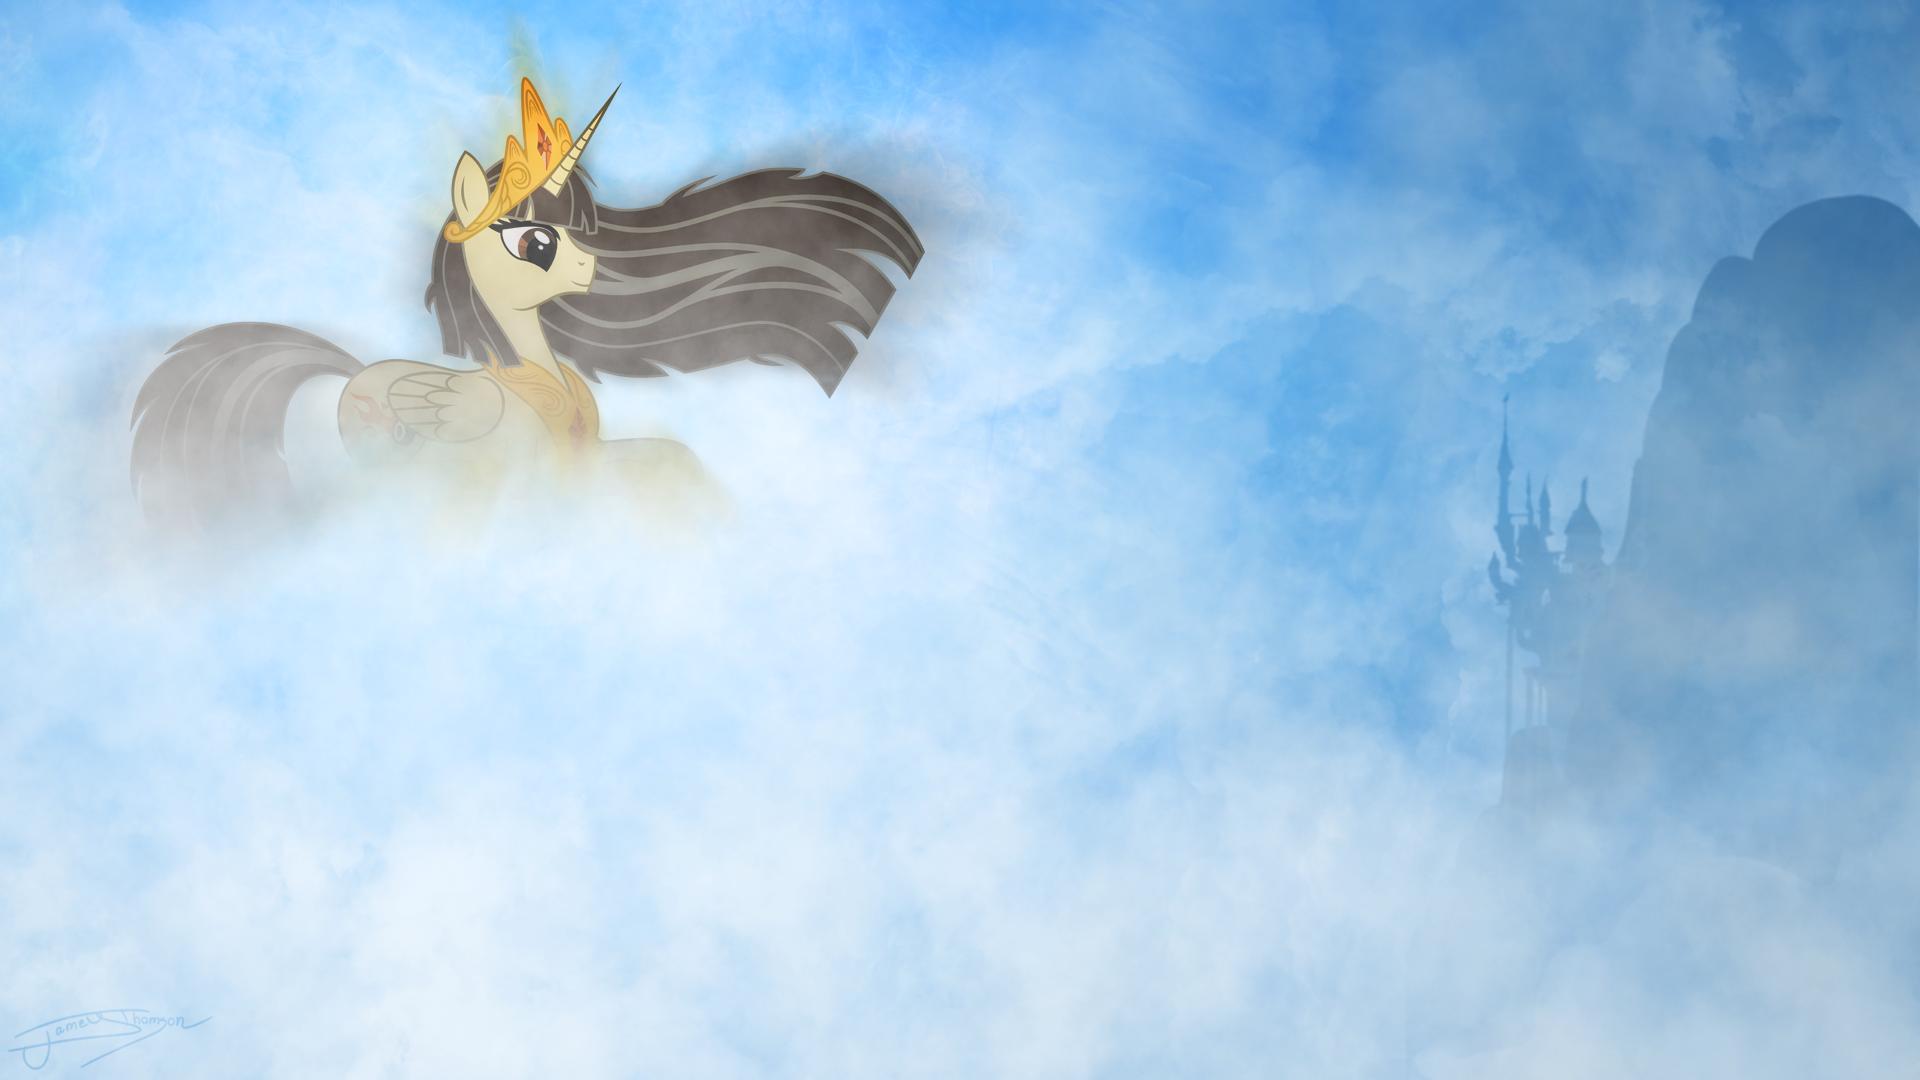 Princess Wildfire - Goddess of Equestria